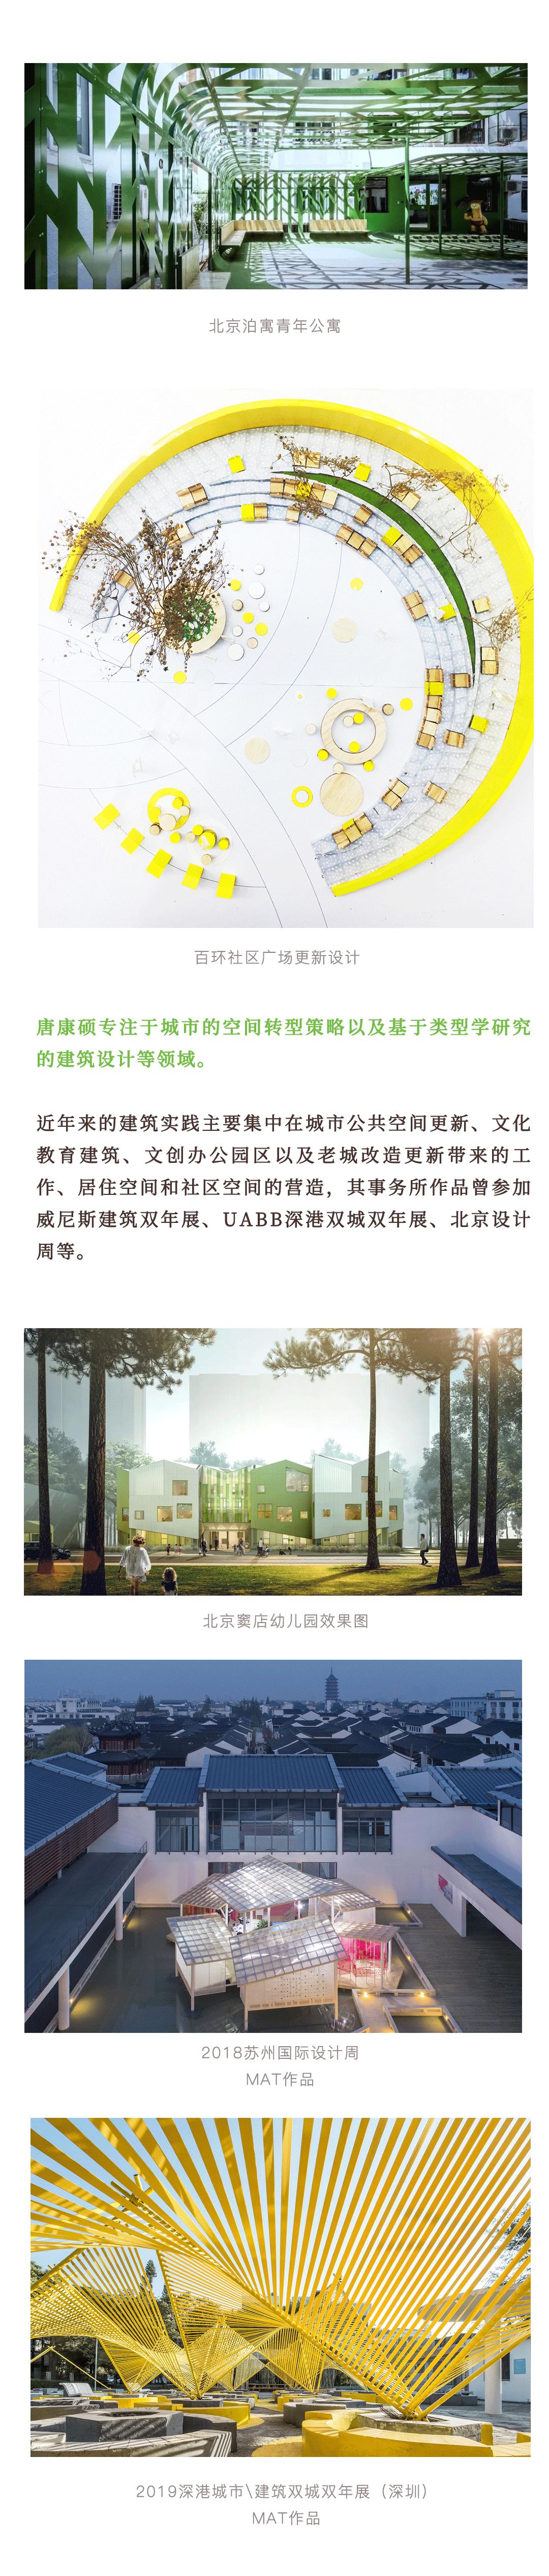 唐康硕类型学05---內容介紹丨3.png